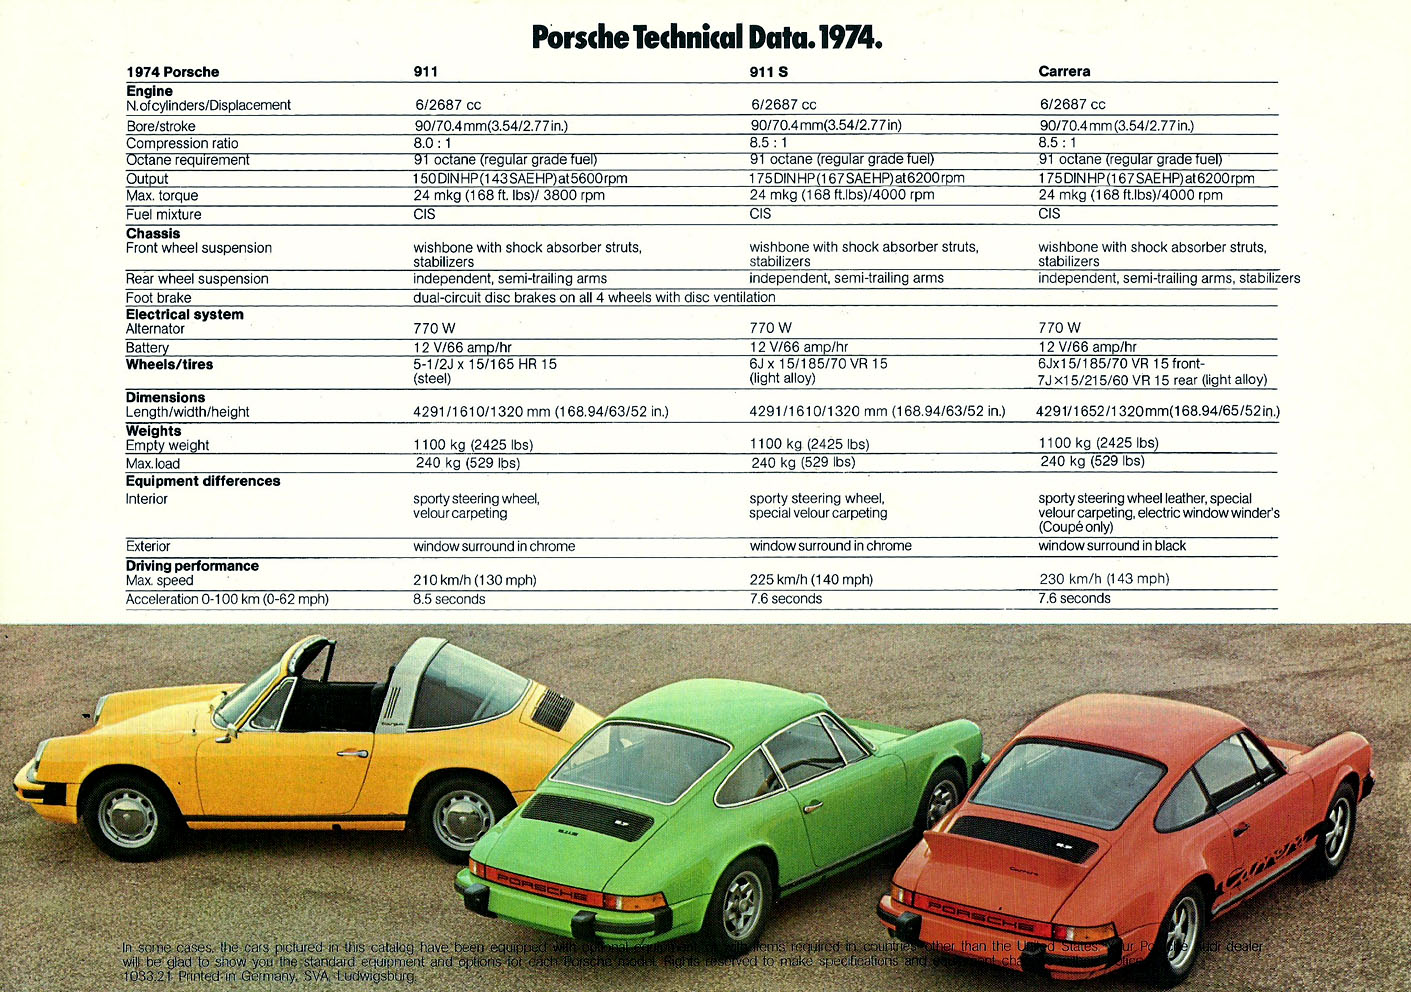 TunnelRam_Porsche 911 (46).jpg